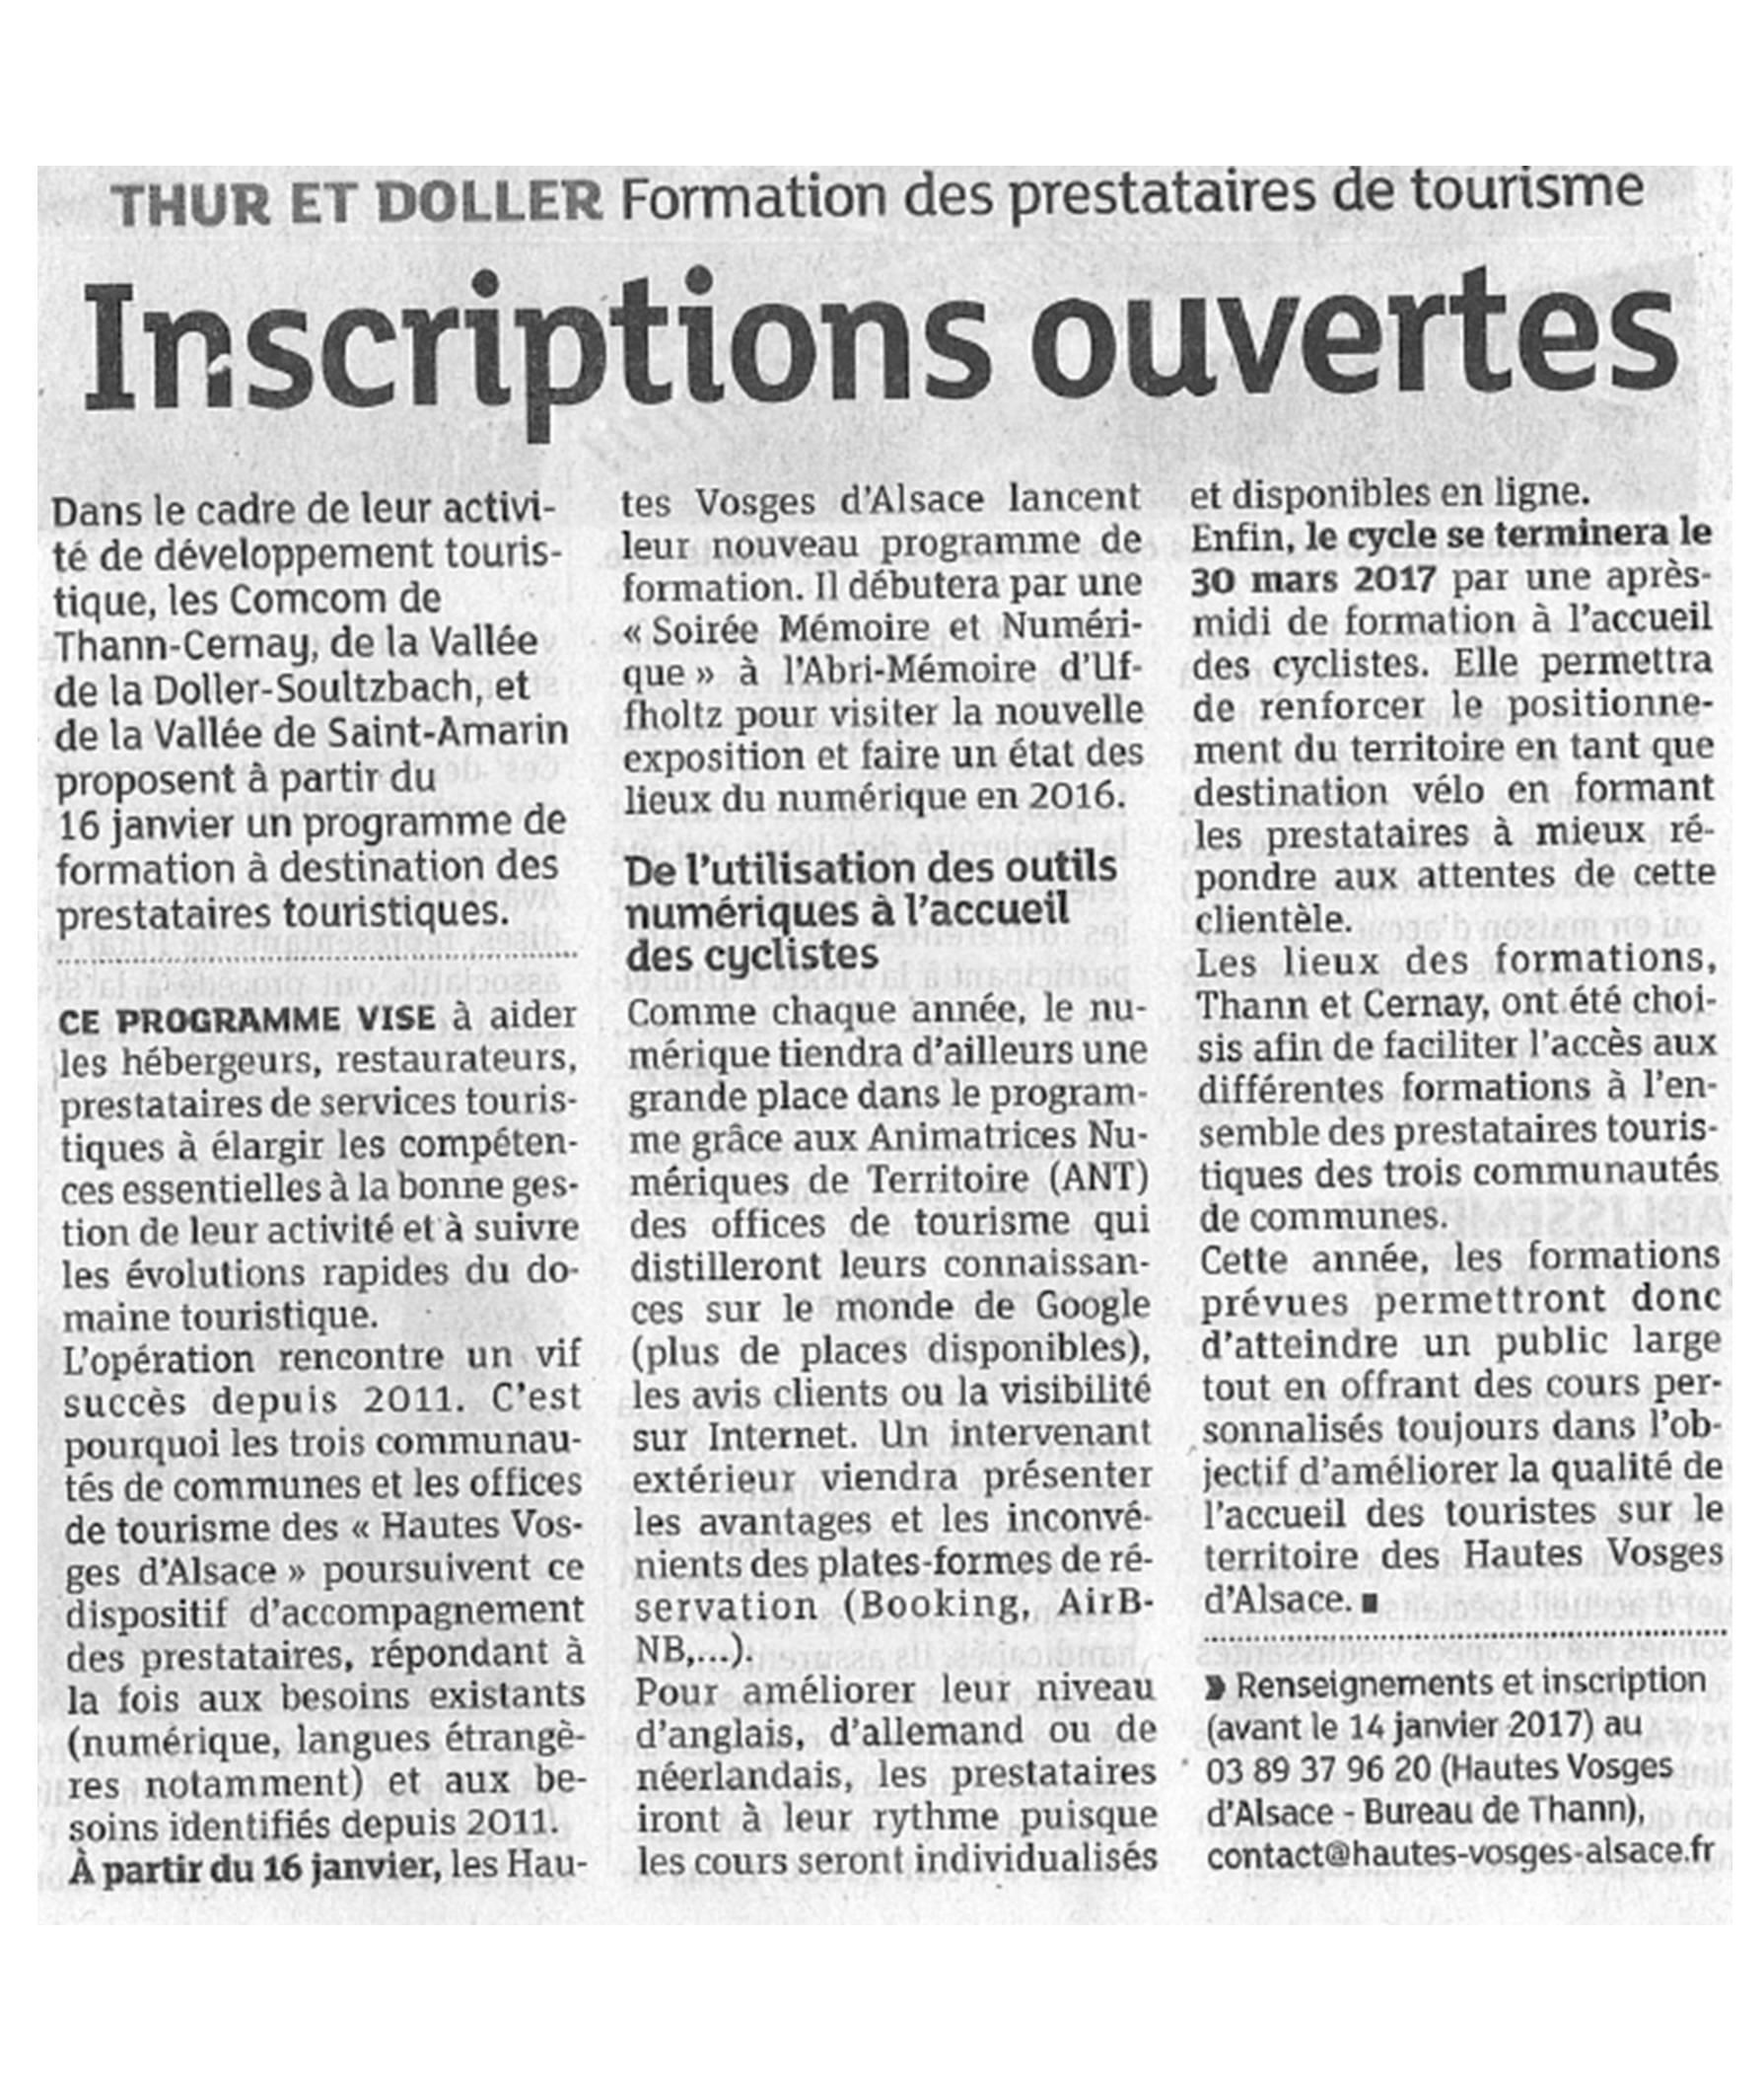 Inscriptions ouvertes - L'Alsace (11-01-2017)